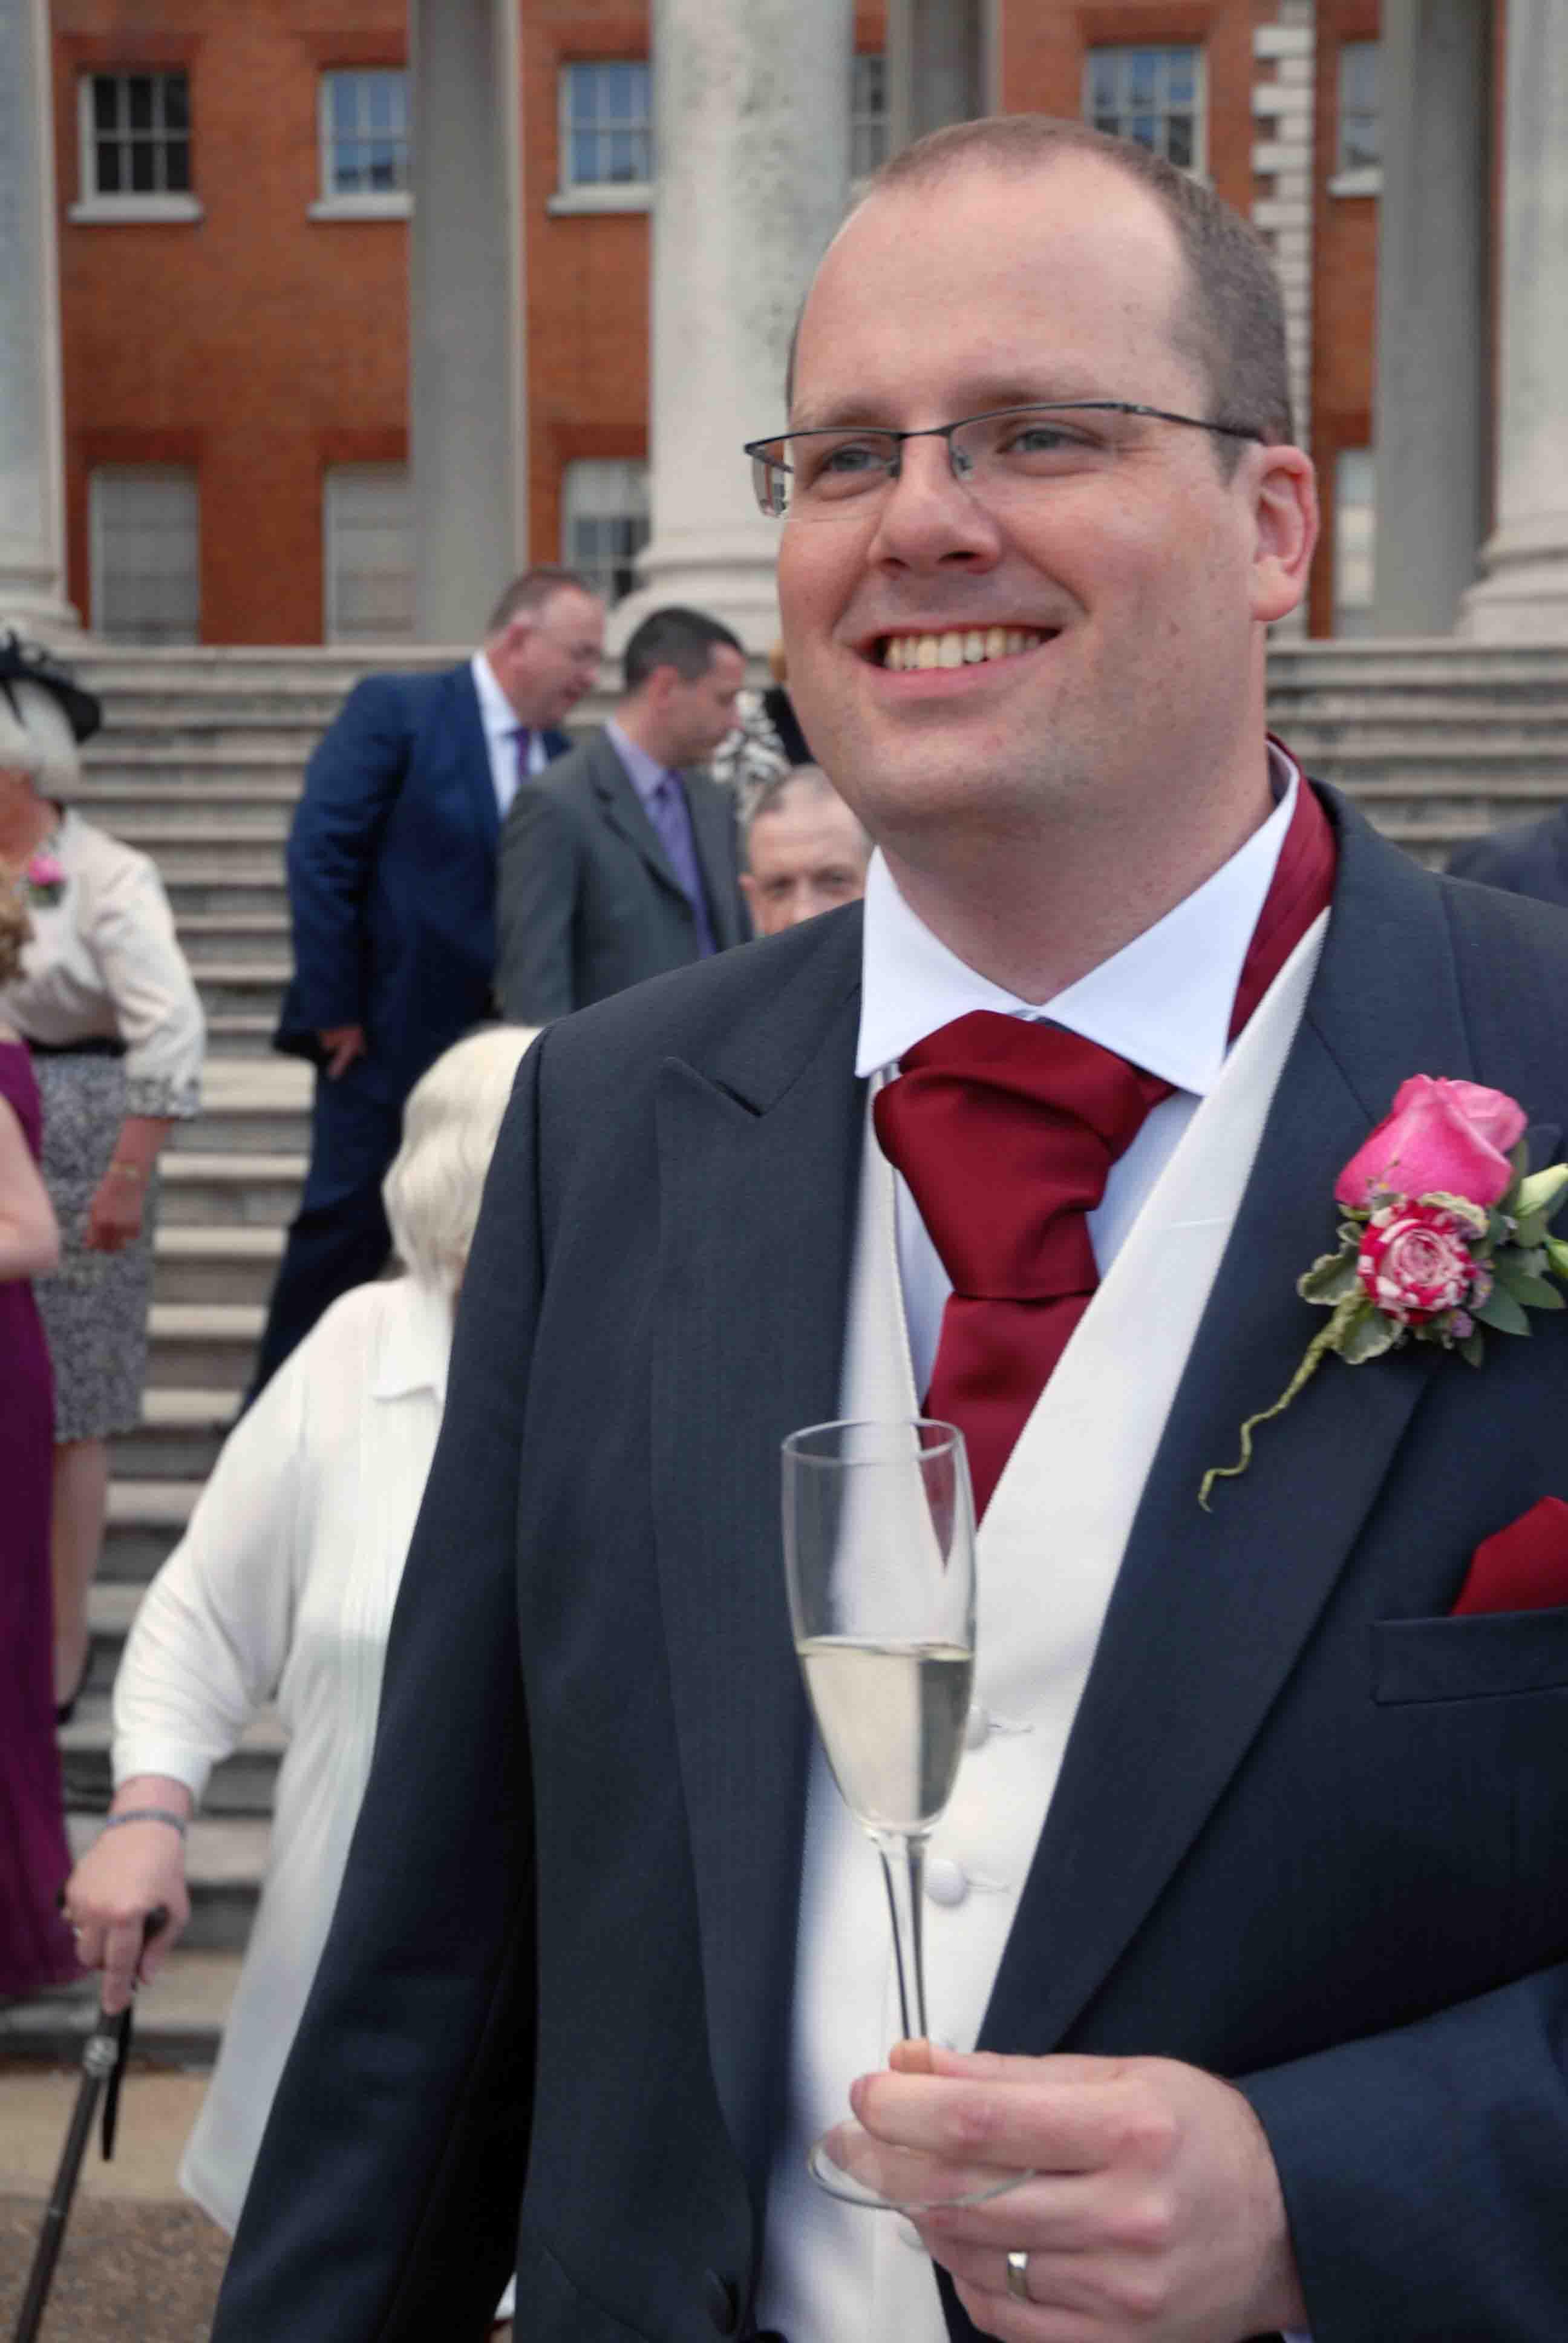 O'Brien Wedding061